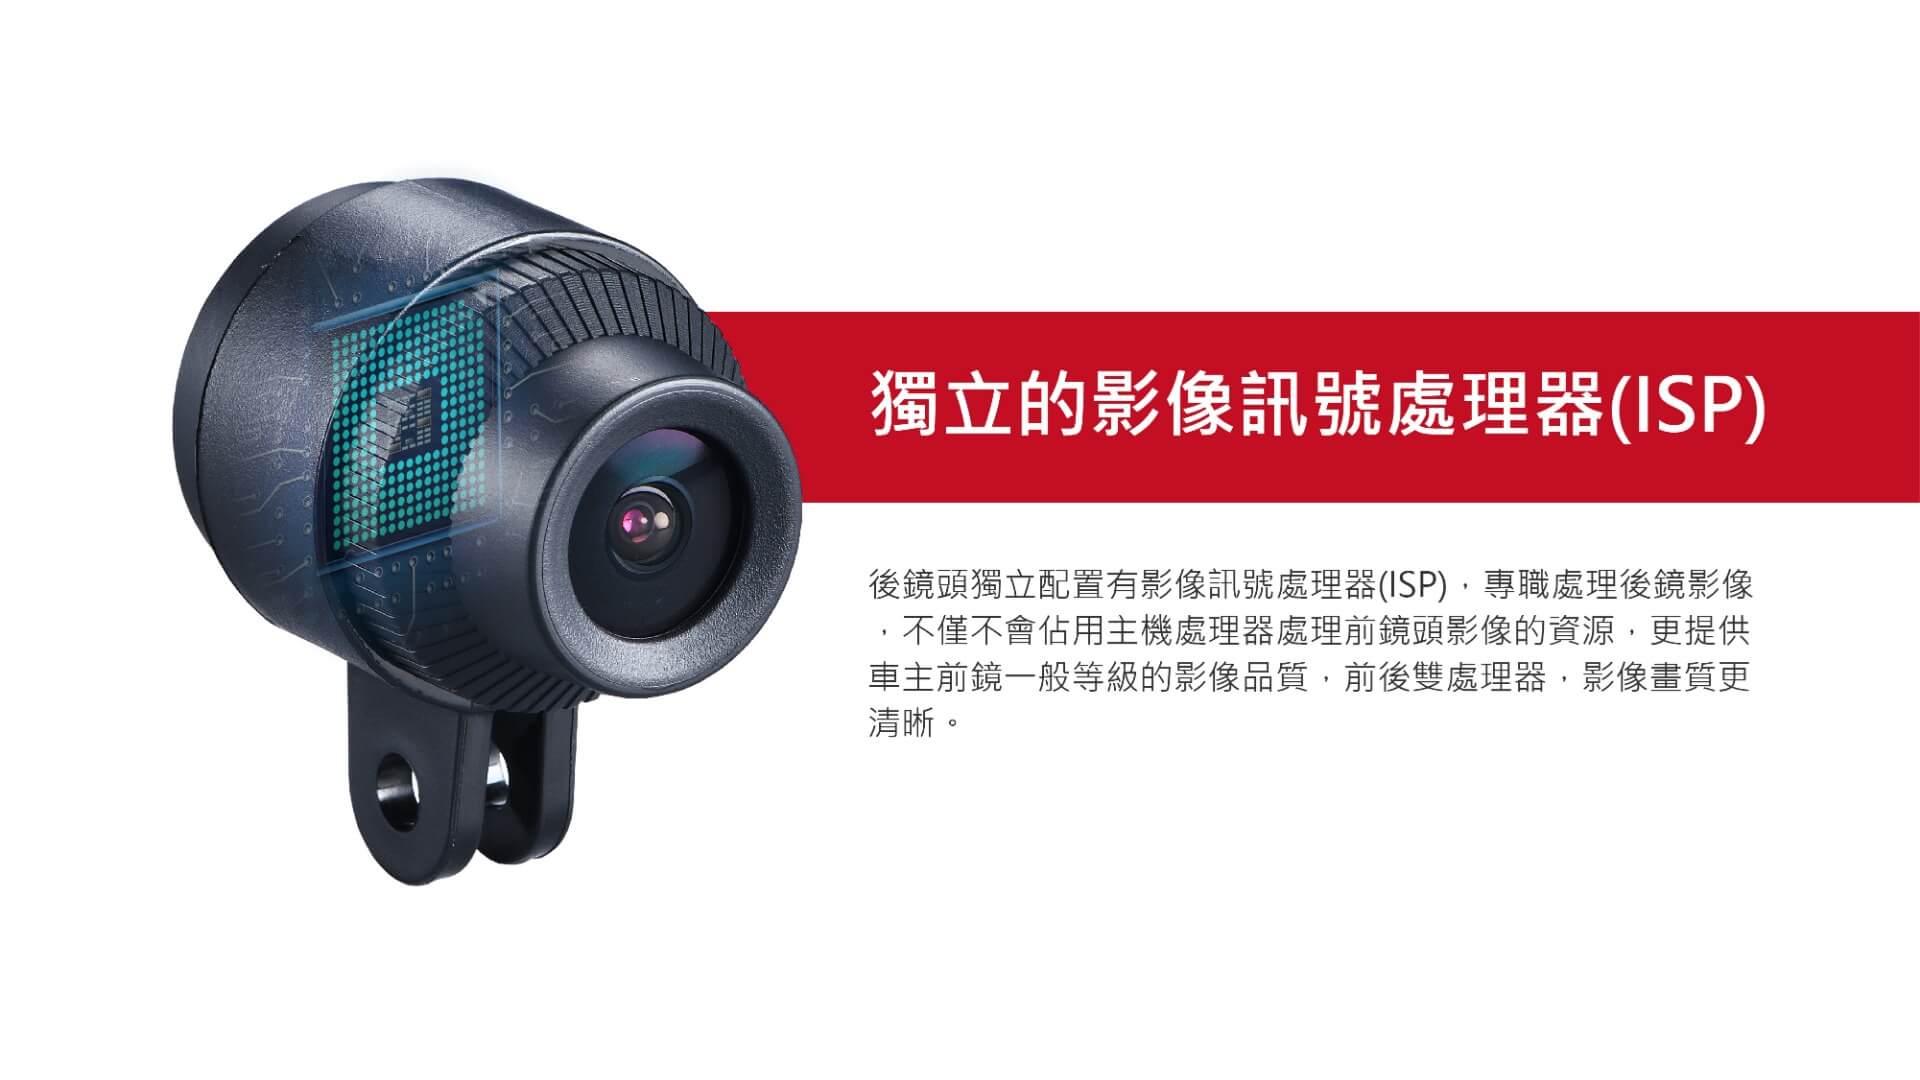 proimages/product/Bike_Cam/PX-GX/PX-GX_13_resized.jpg